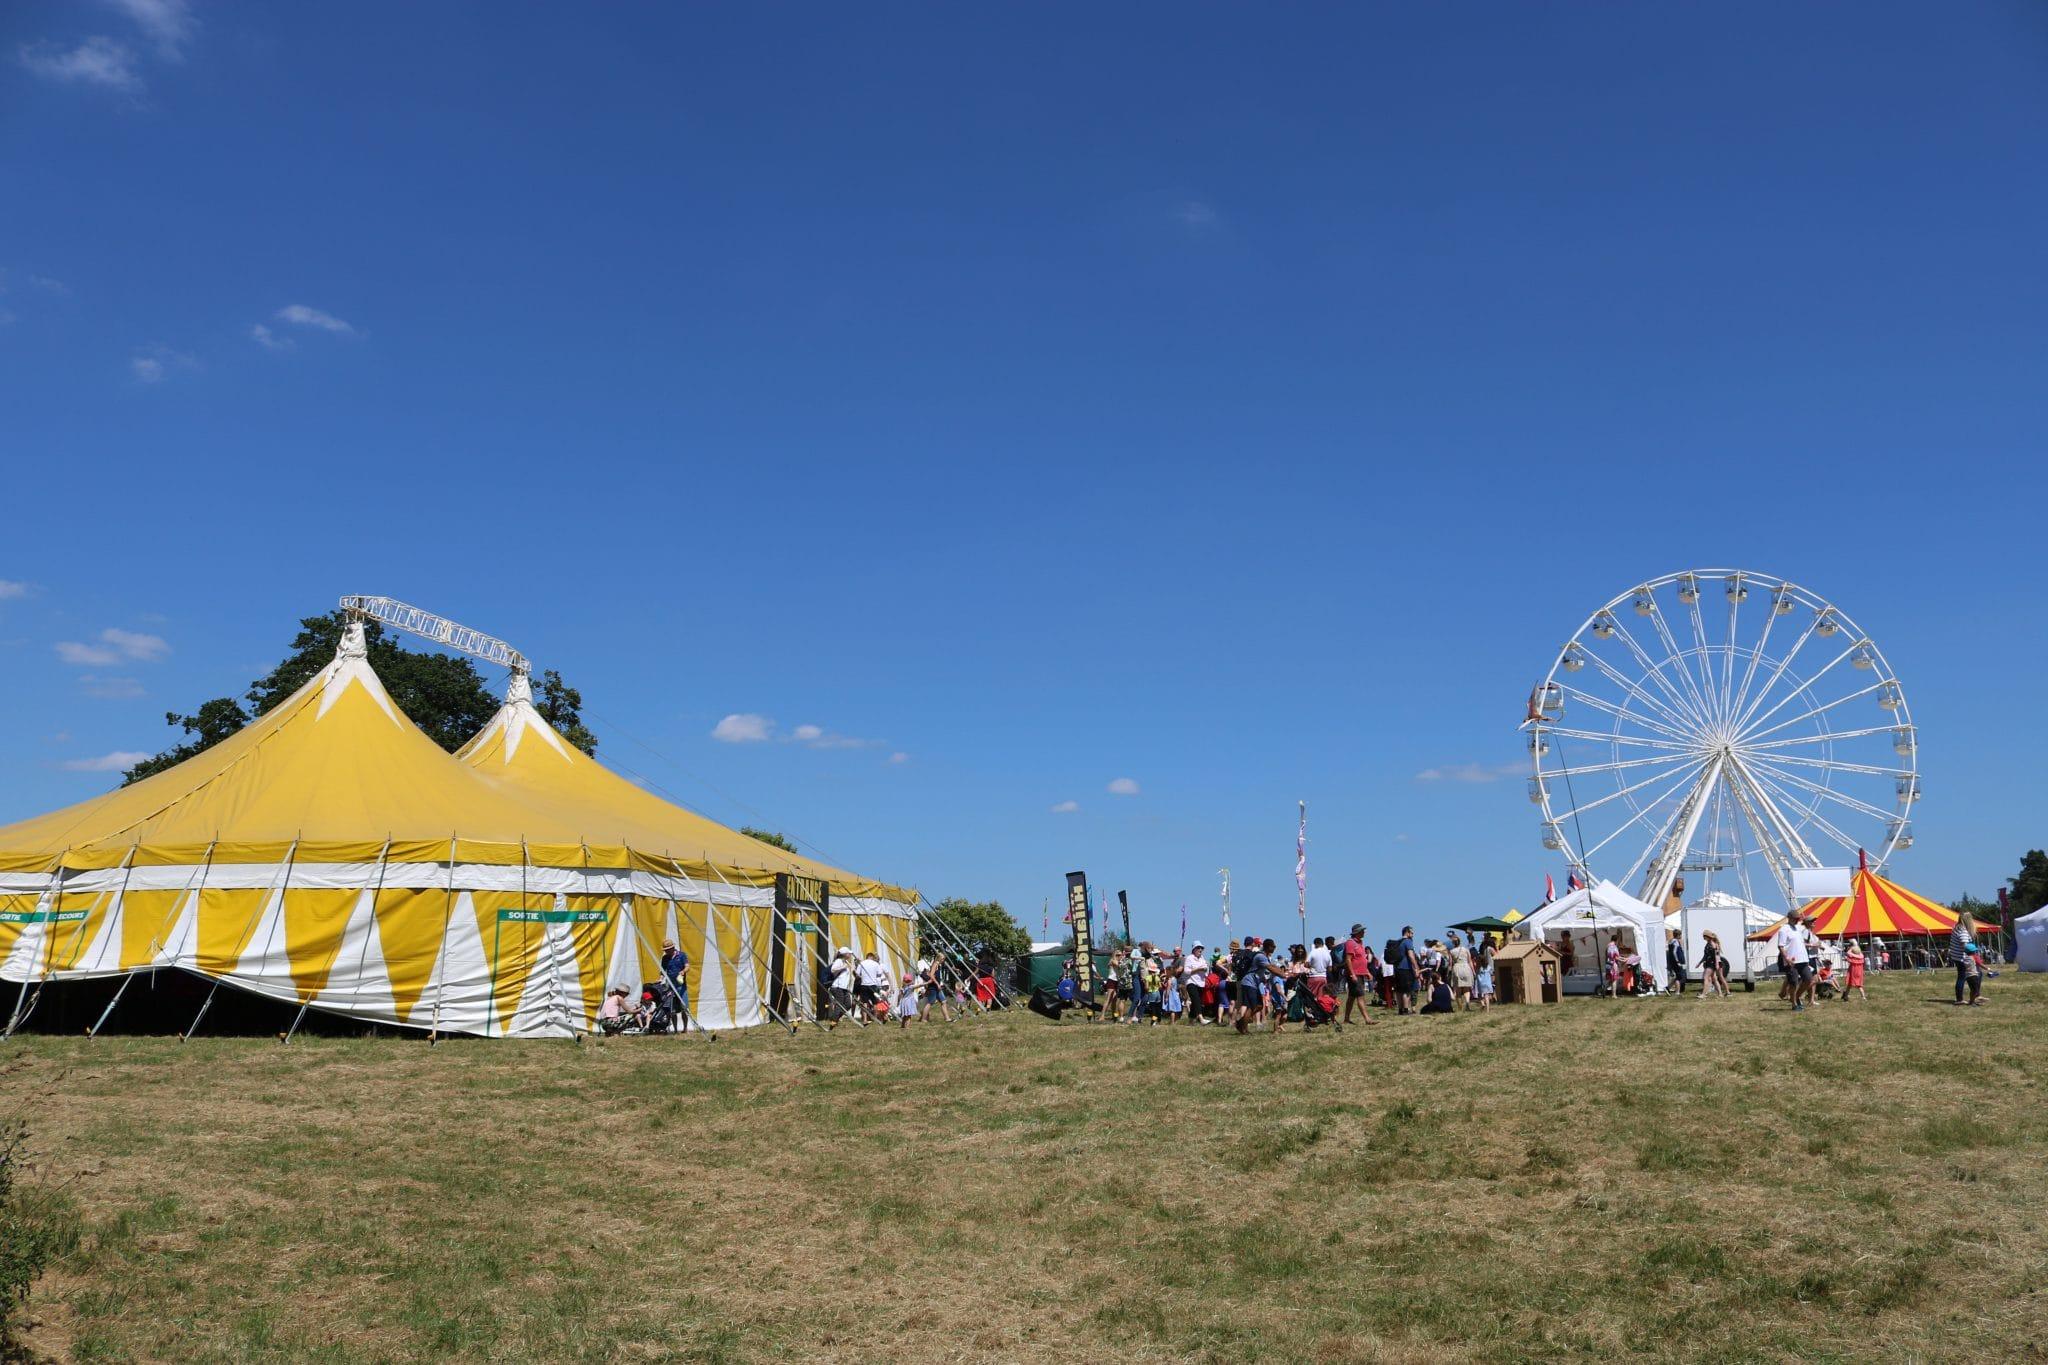 Cirque De Hilarious circus tent